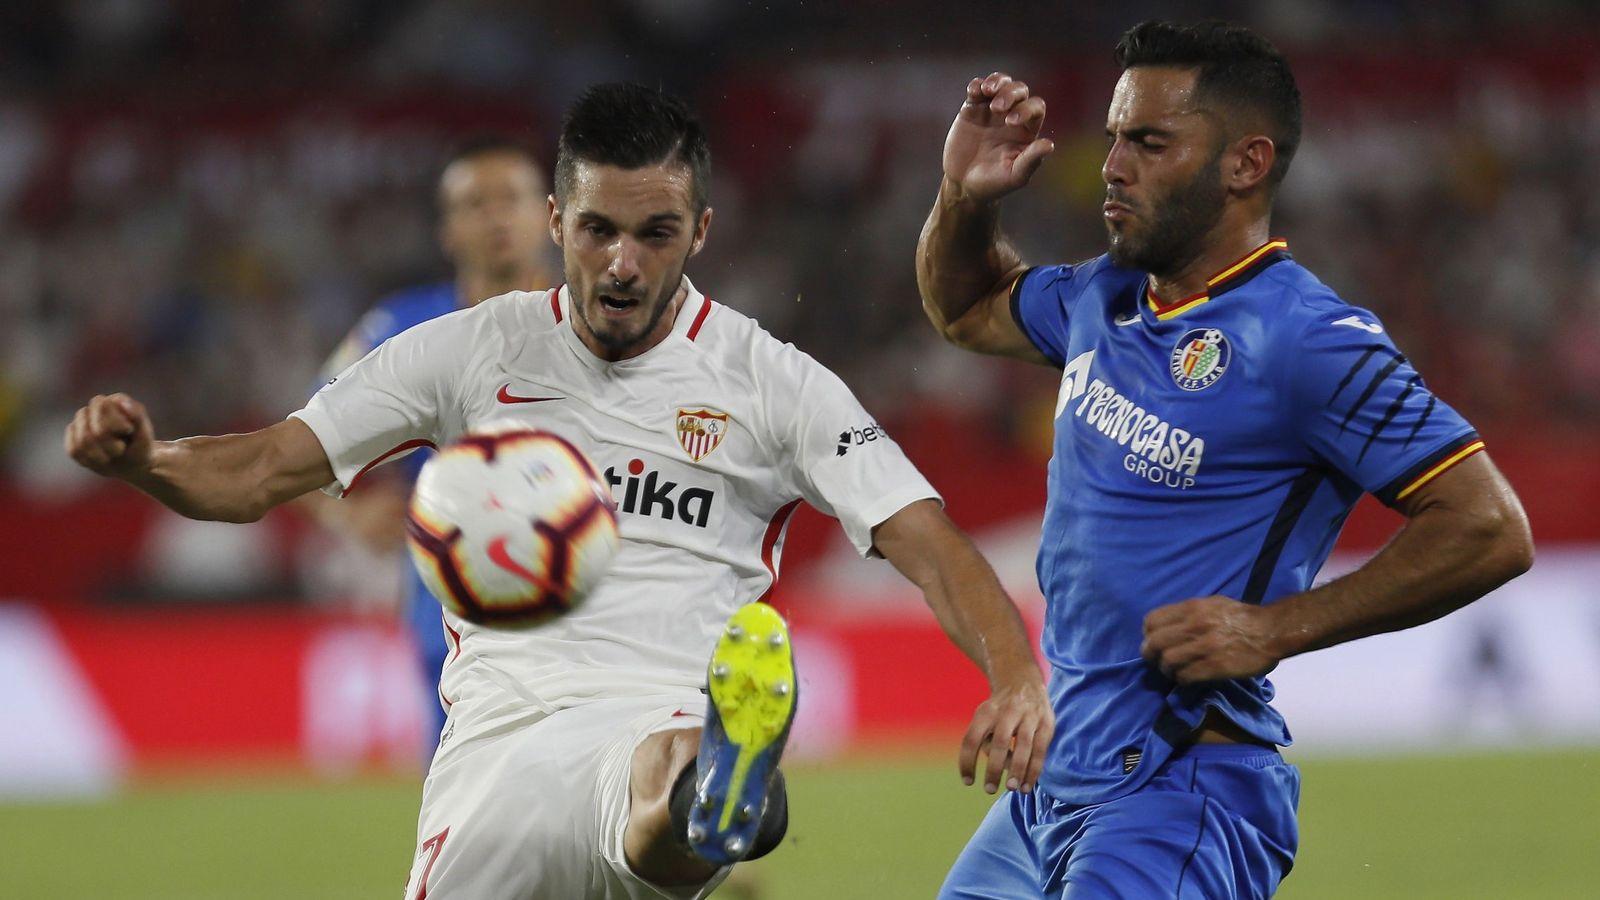 Getafe Resultado Y Resumen Hoy En Directo: Sevilla En Directo: Resumen, Goles Y Resultado